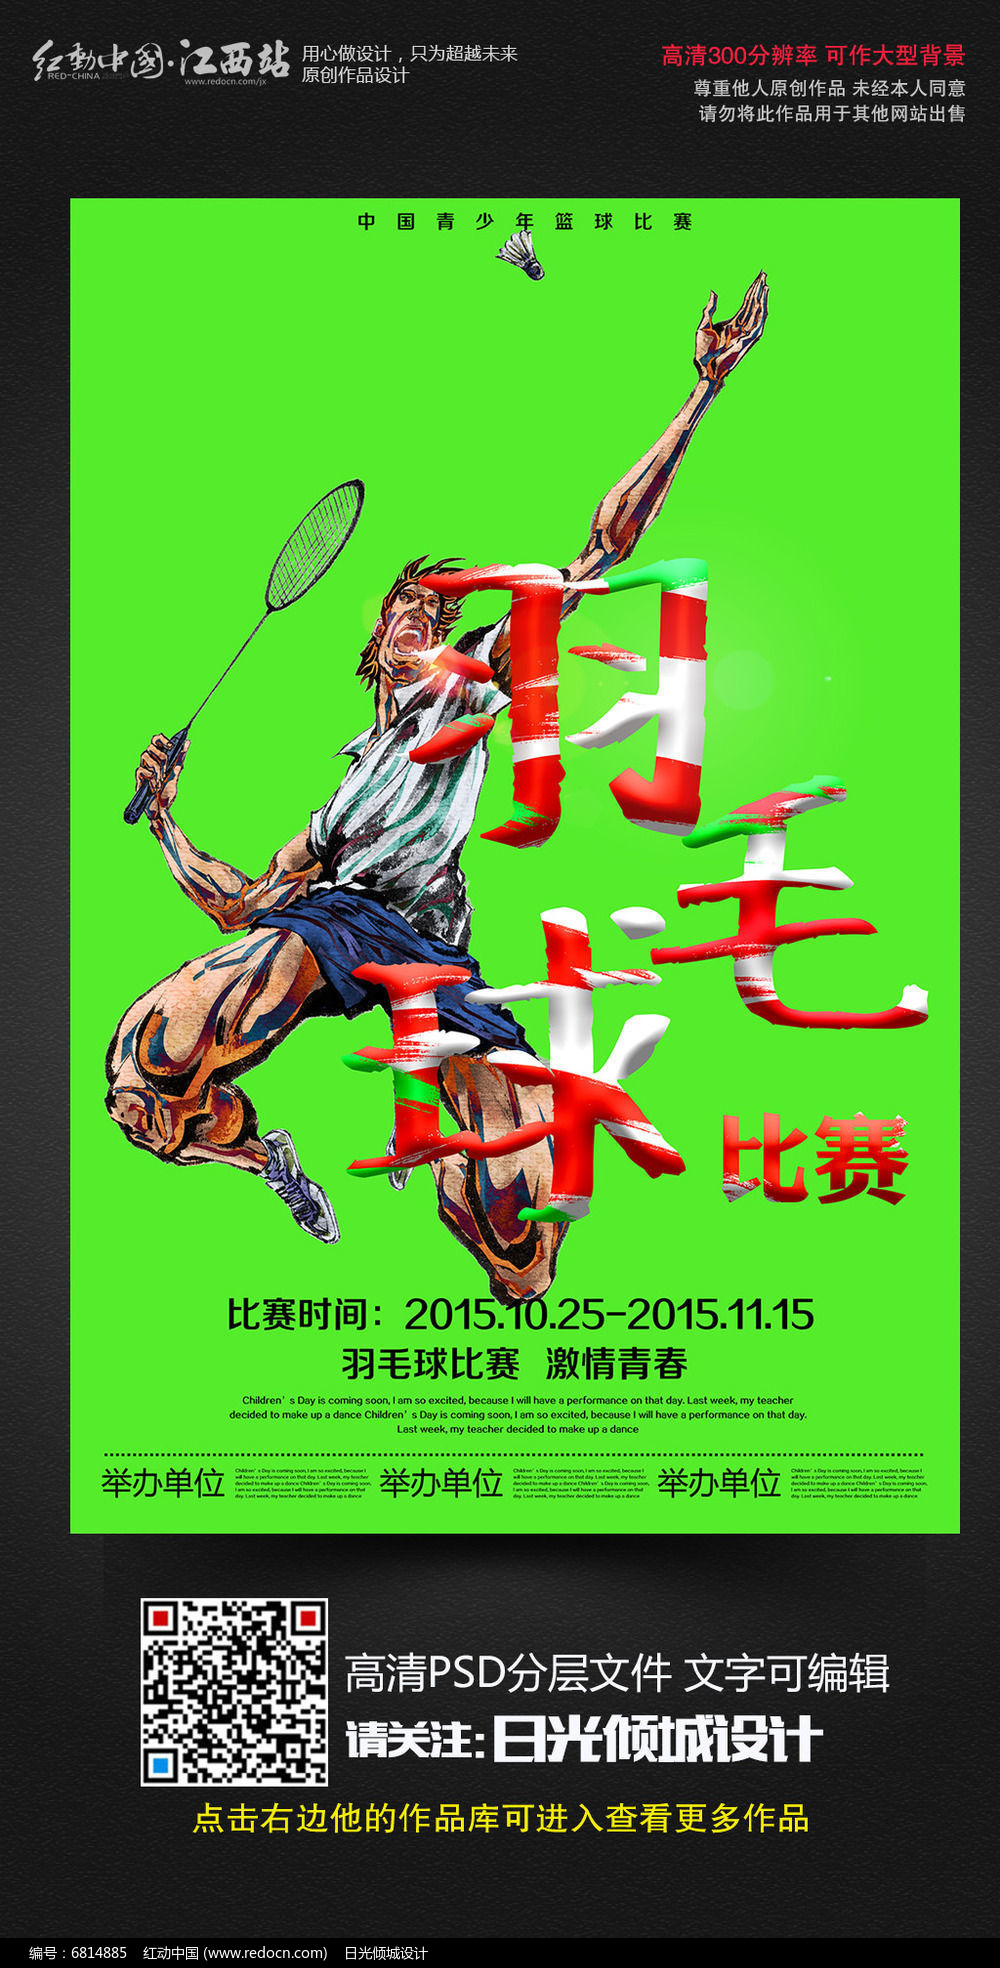 羽毛球比赛宣传海报图片